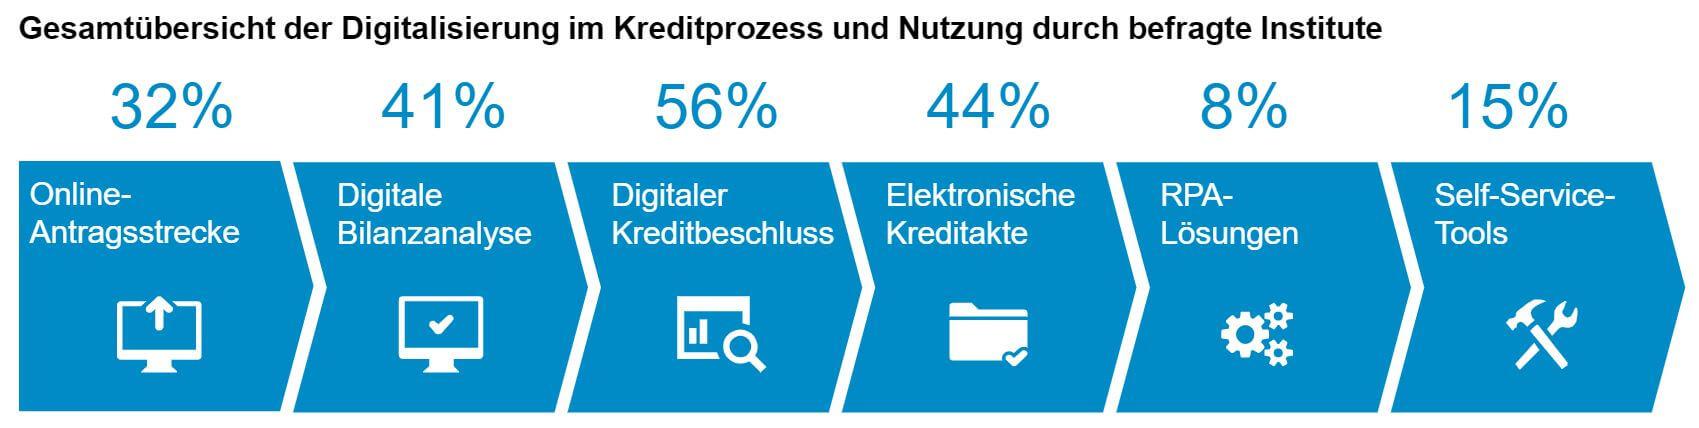 Digitalisierung des Kreditprozesses